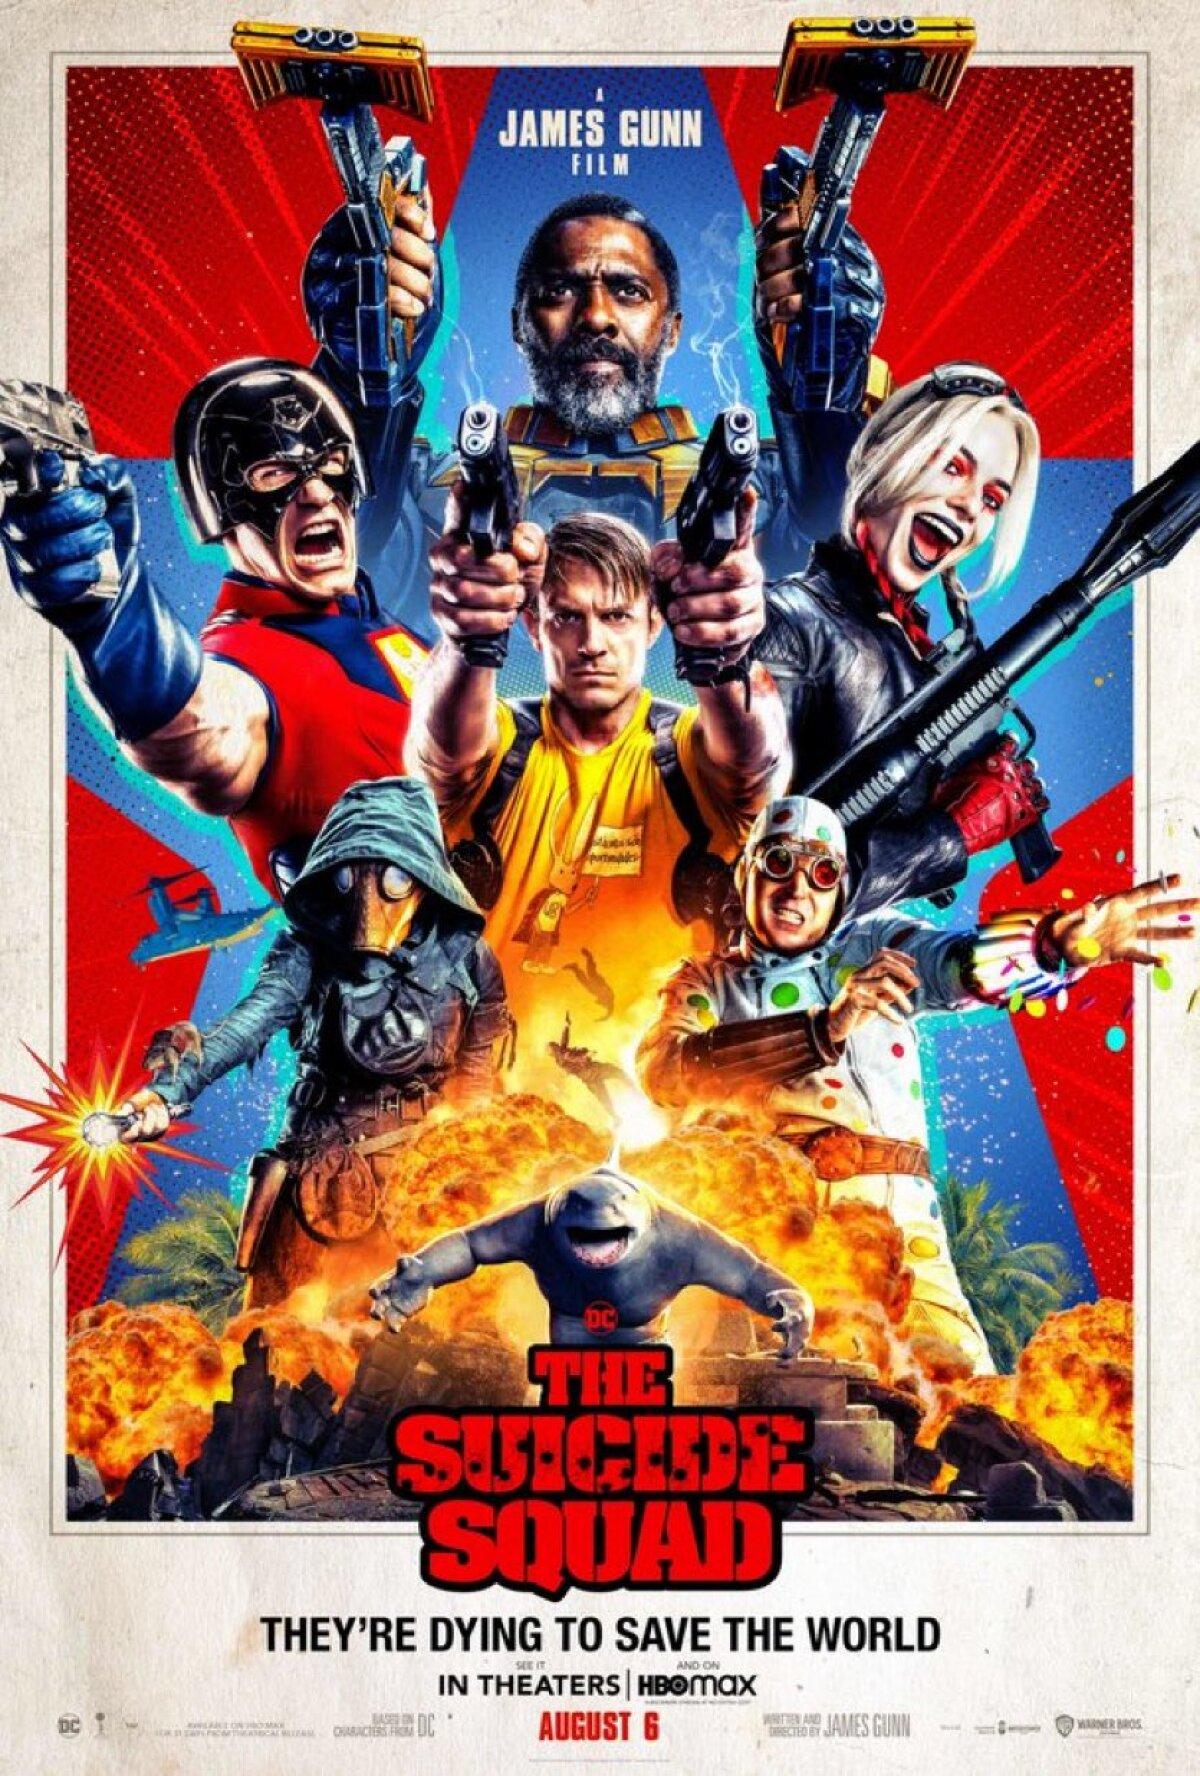 The Suicid Squad